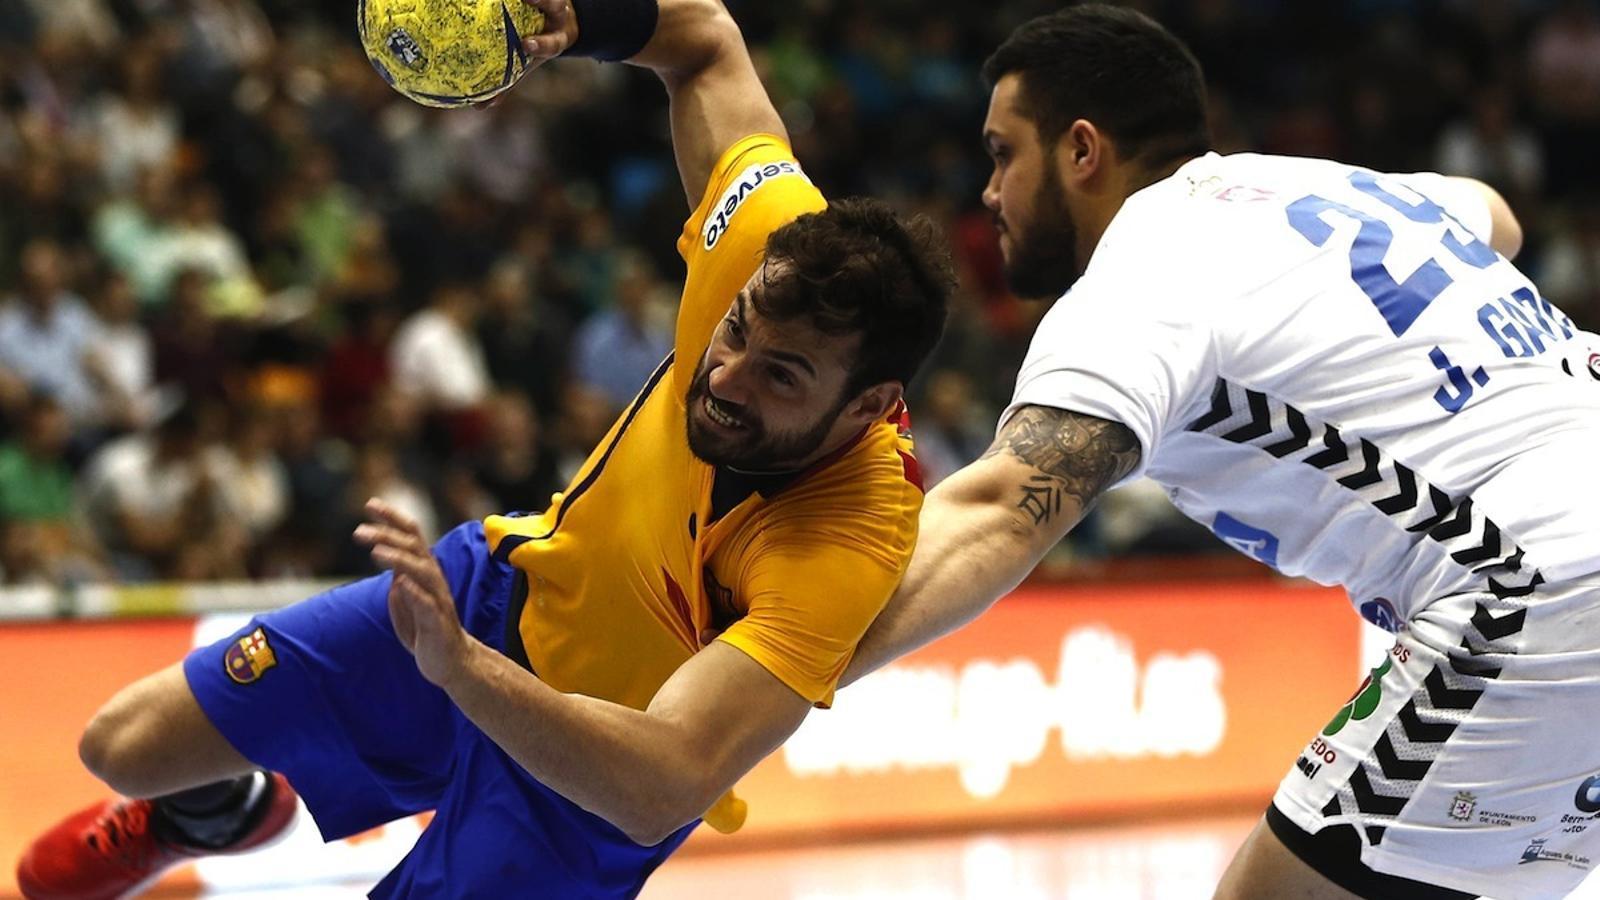 Dani Sarmiento i Javier García, durant el Barça Lassa - Ademar de la Copa del Rei